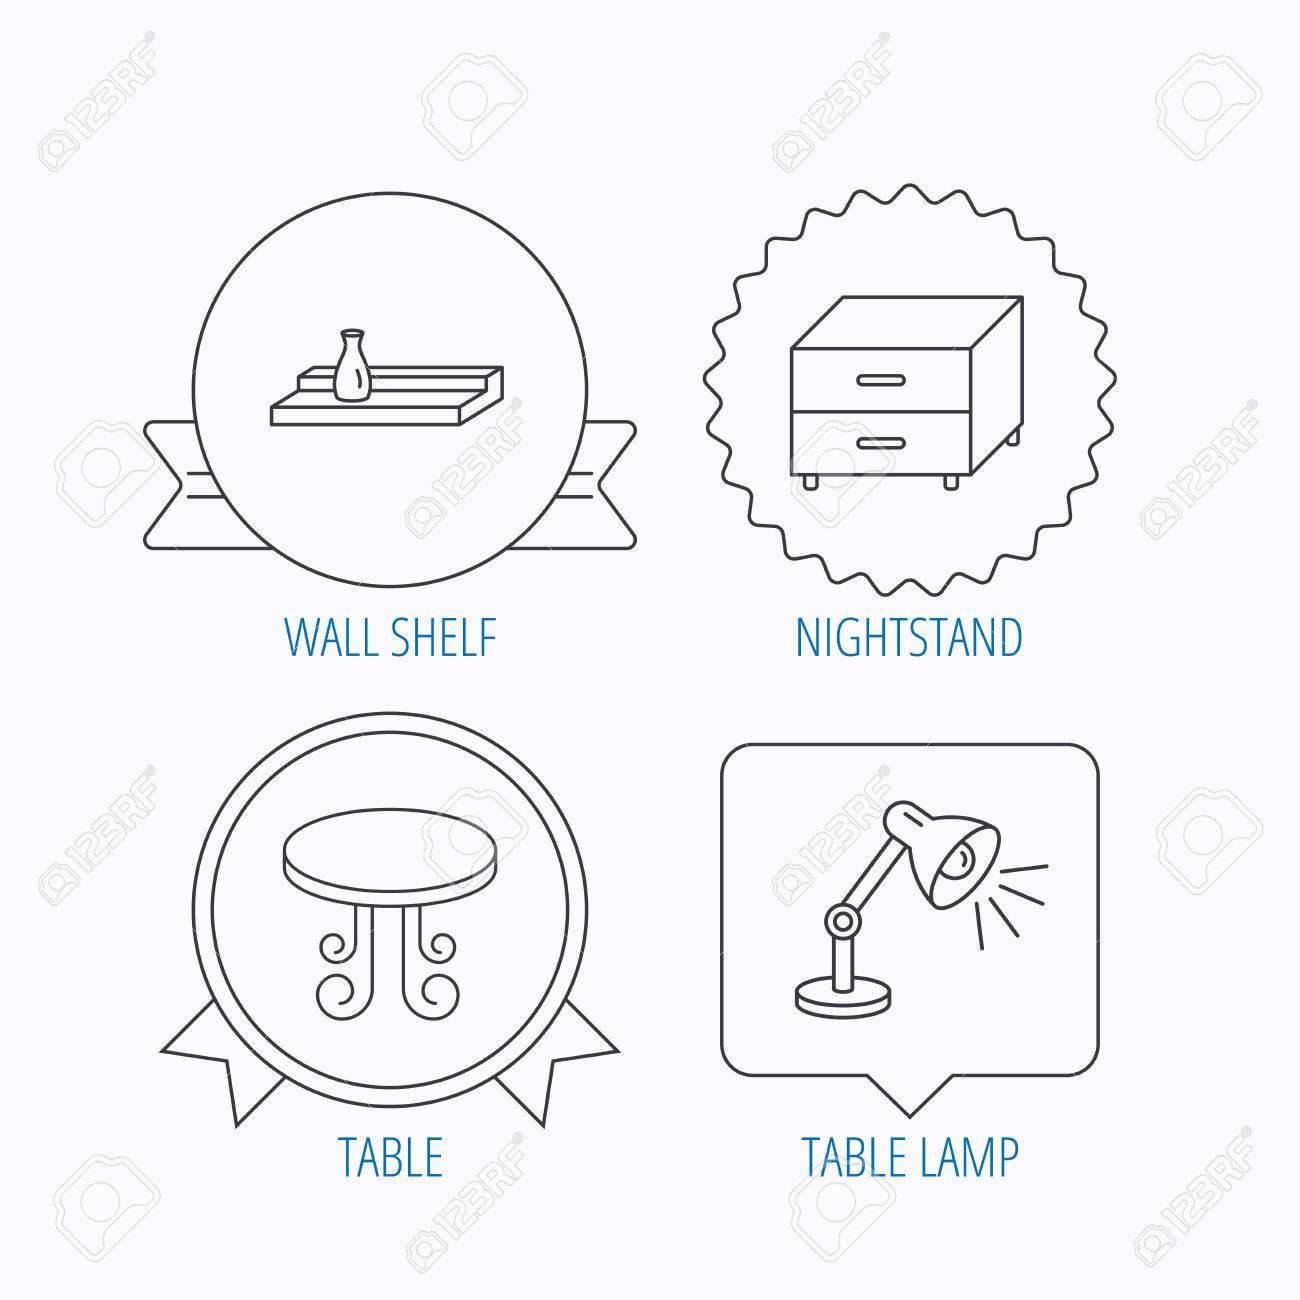 Table Vintage Lampe Et Table De Chevet Icones Etagere Murale Signe